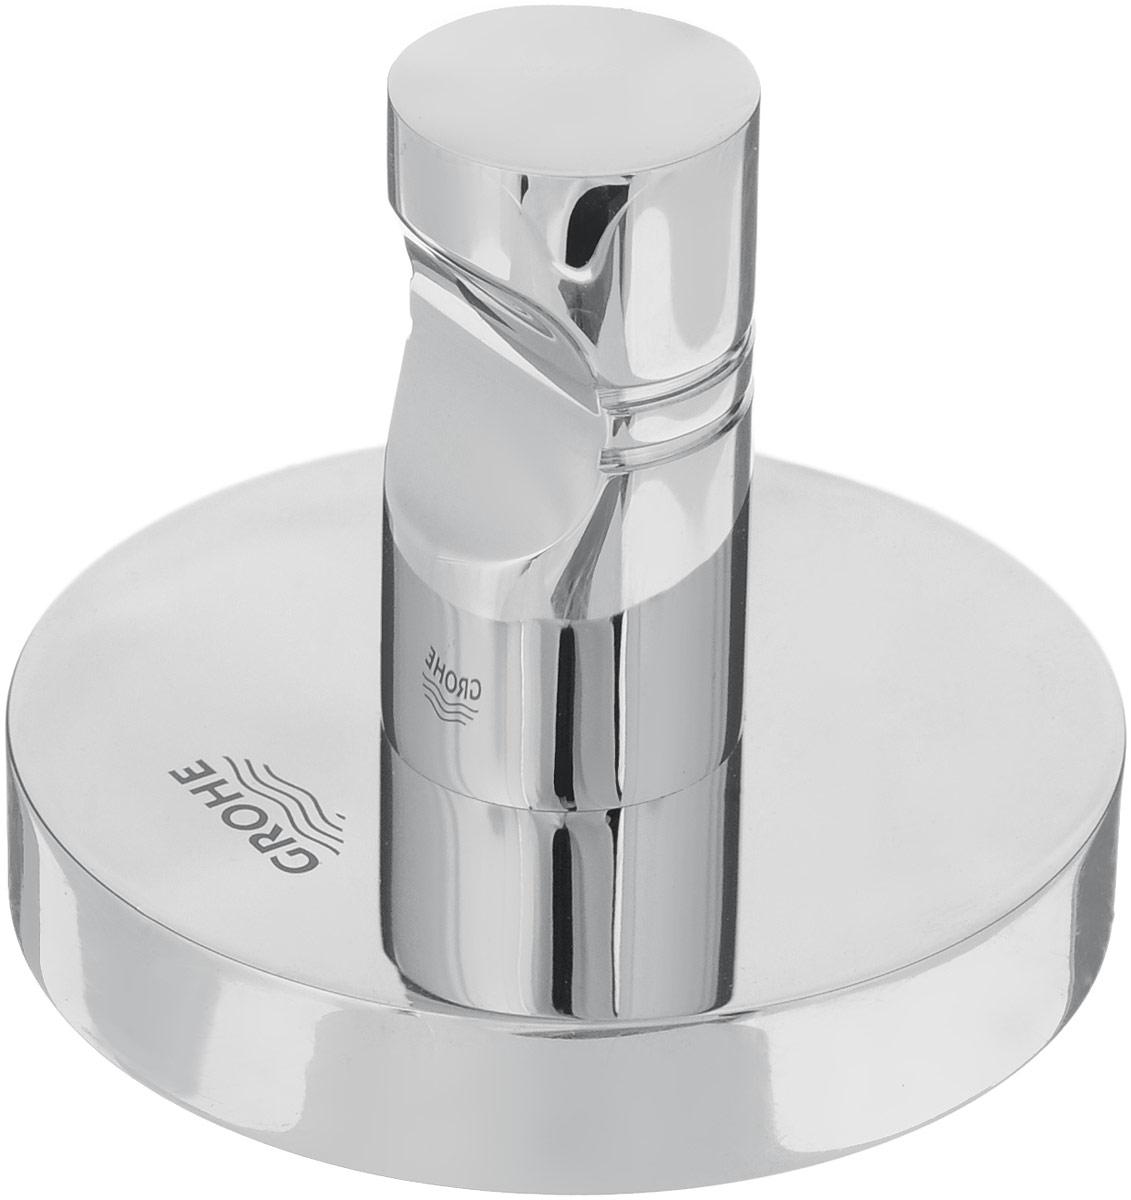 Крючок Grohe Essentials, 5 х 5 х 4,5 см40364001Крючок Grohe Essentials изготовлен из высококачественной латуни. Крючок крепится к поверхности при помощи саморезов. Все необходимое для крепления крючка к стене входит в комплект.Такой крючок прекрасно впишется в интерьер ванной комнаты и поможет эффективно организовать пространство.